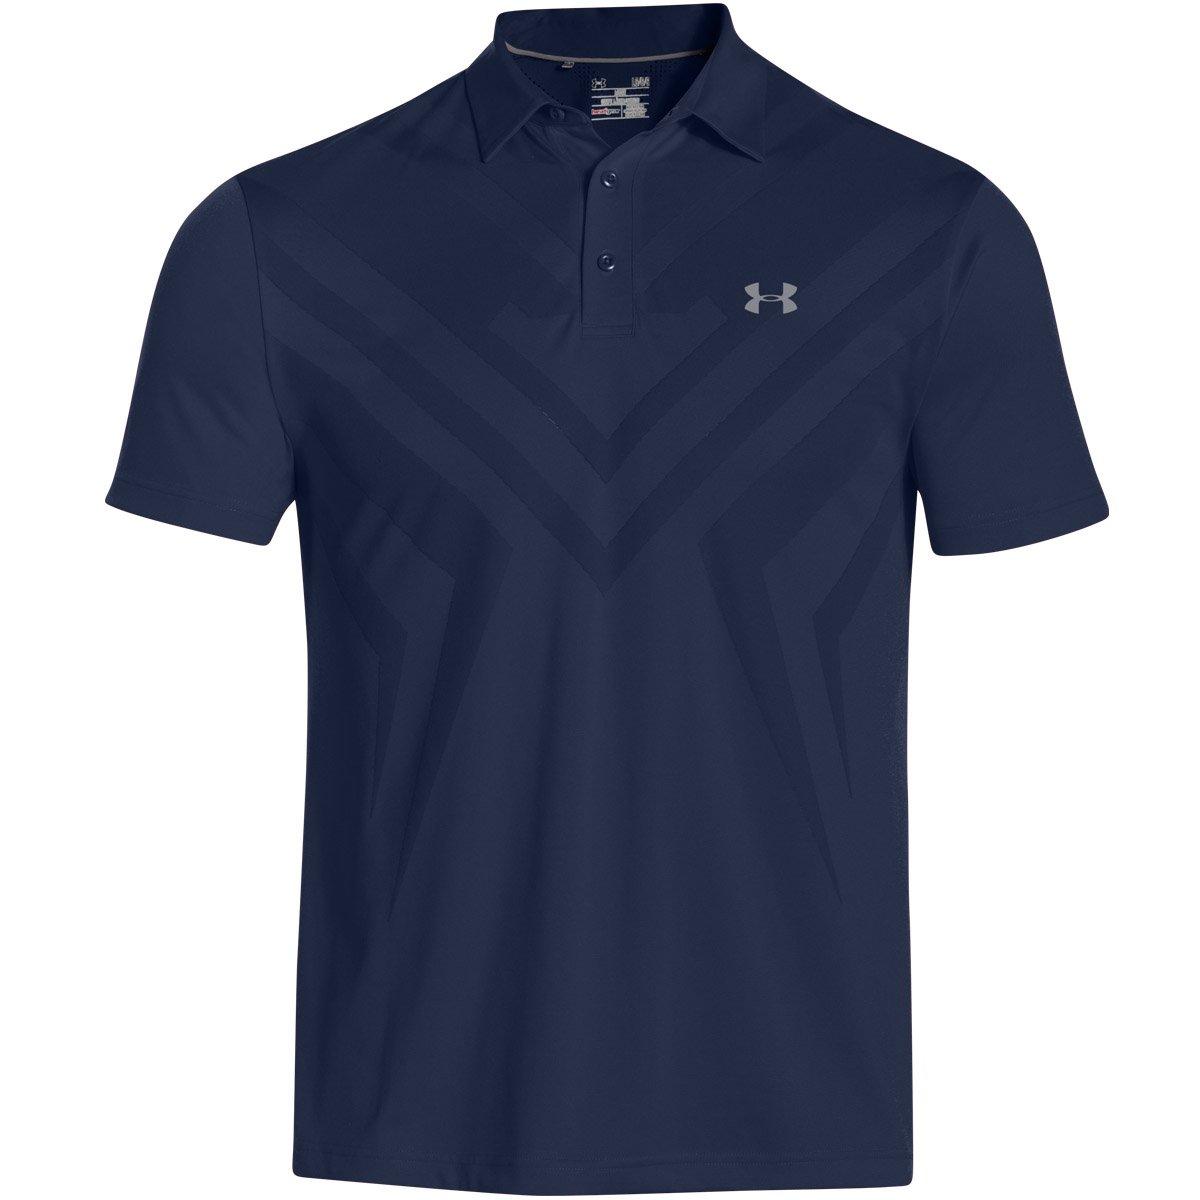 Under Armour Herren Armour-Spitze Polo Shirt mit Moisture Transport System und Anti-Odor Technologie